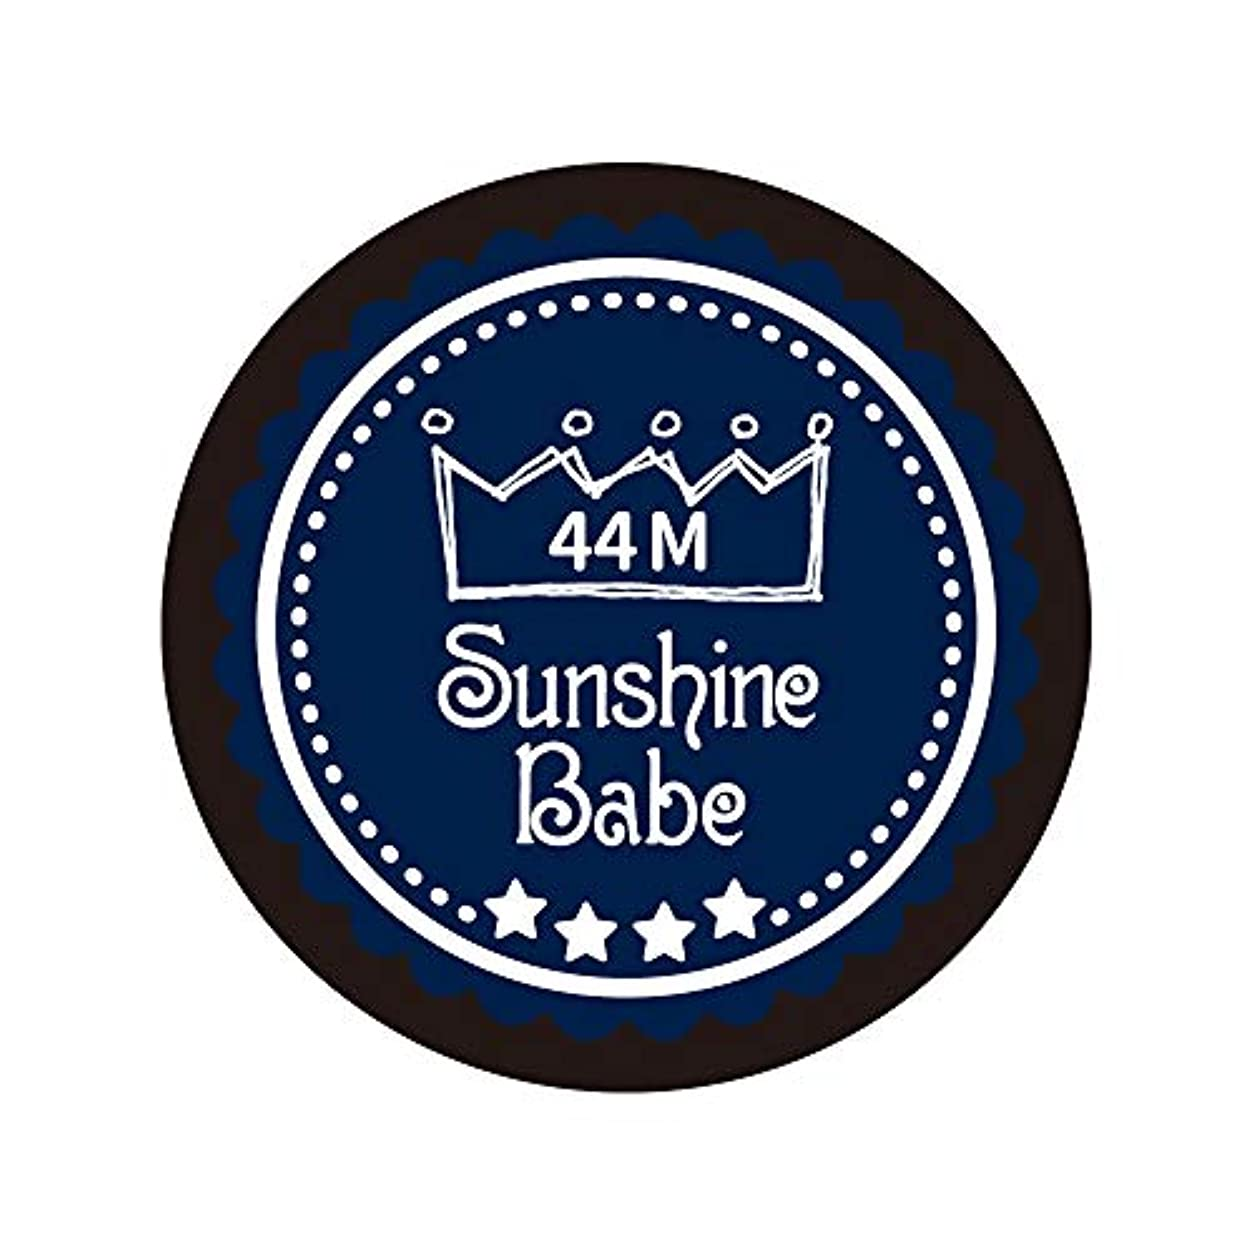 経済的警告犯すSunshine Babe カラージェル 44M クラシックネイビー 2.7g UV/LED対応